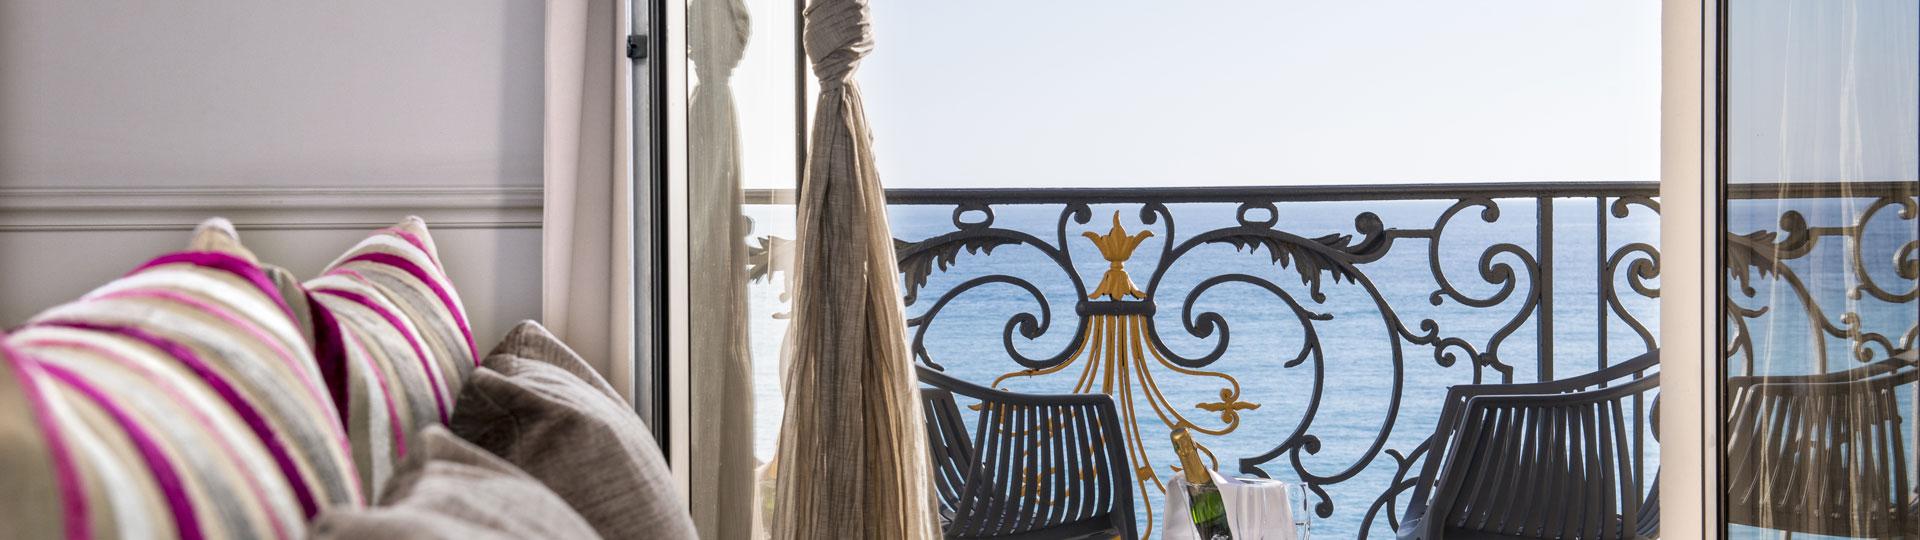 Chambre double vue sur mer de l'hôtel*** Le Royal à Nice